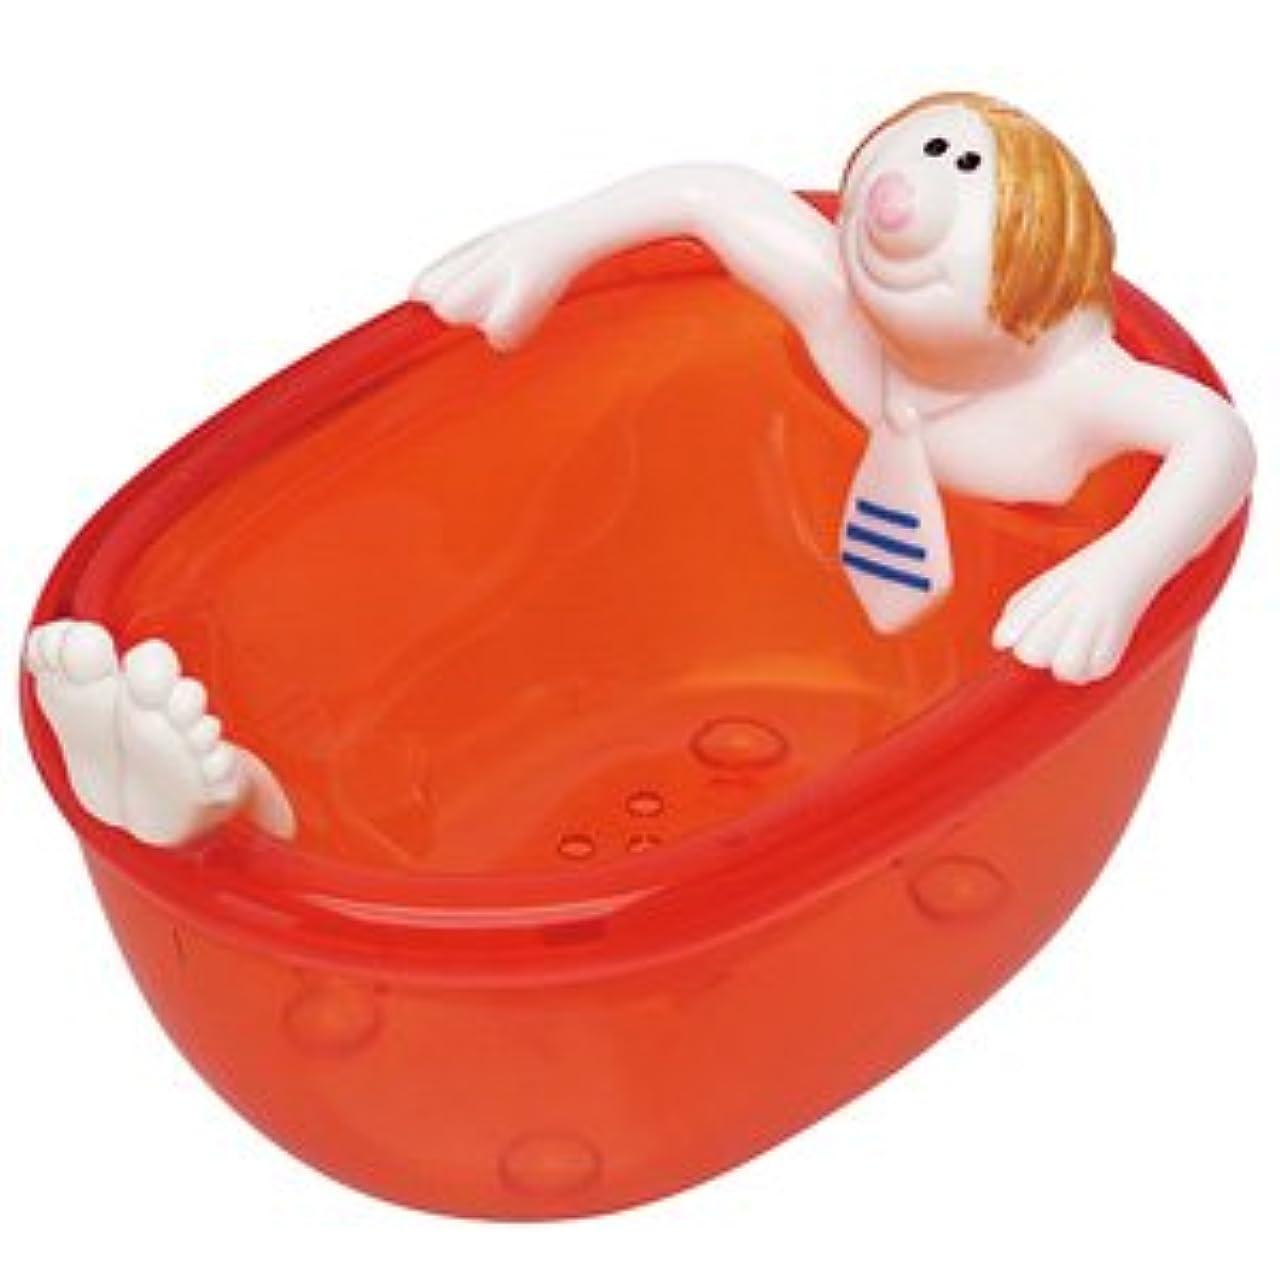 マーティンルーサーキングジュニアマーケティング怒っているジャブジャブ石鹸箱 オレンジ